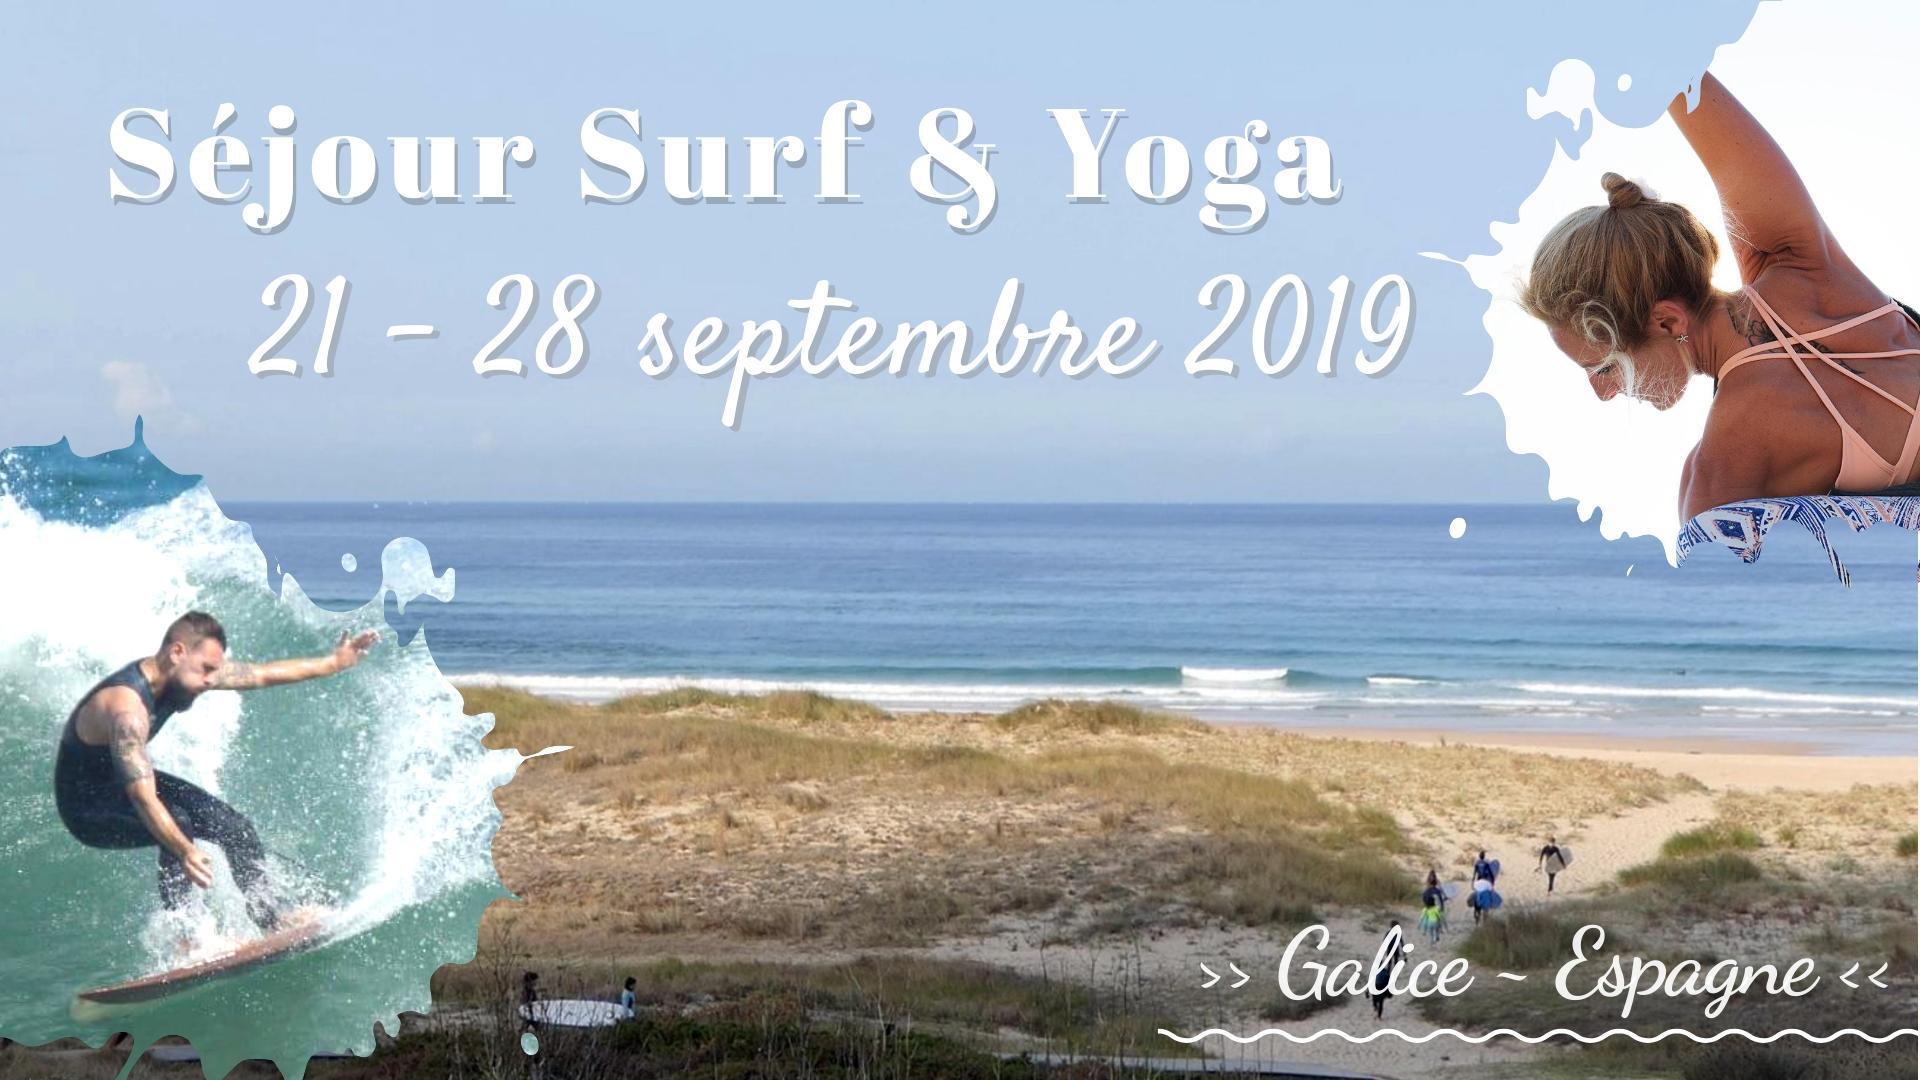 Séjour Surf Yoga 22 au 29 septembre 2019 Soulshine